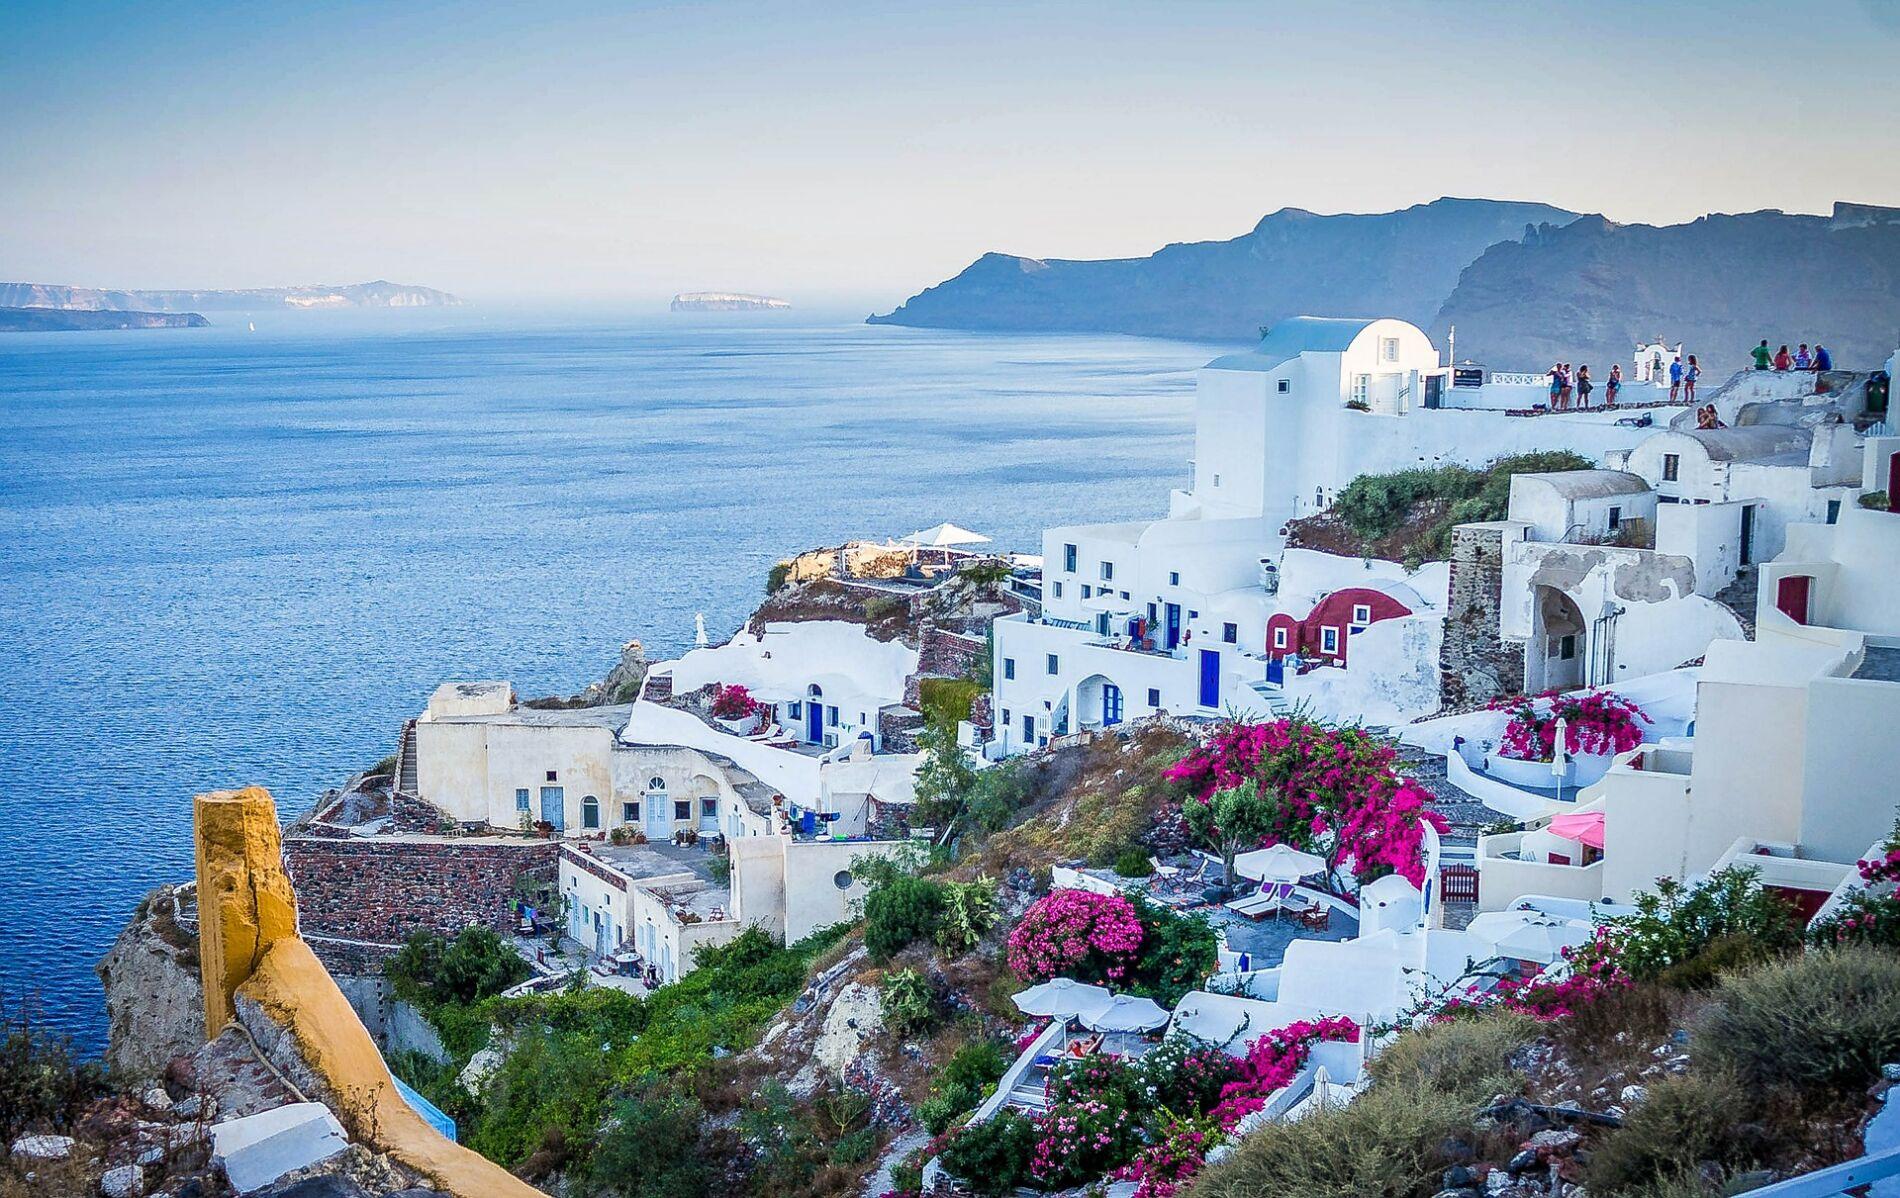 Fără vacanţa în Grecia de Paşte. Ţara a intrat pe lista galbenă